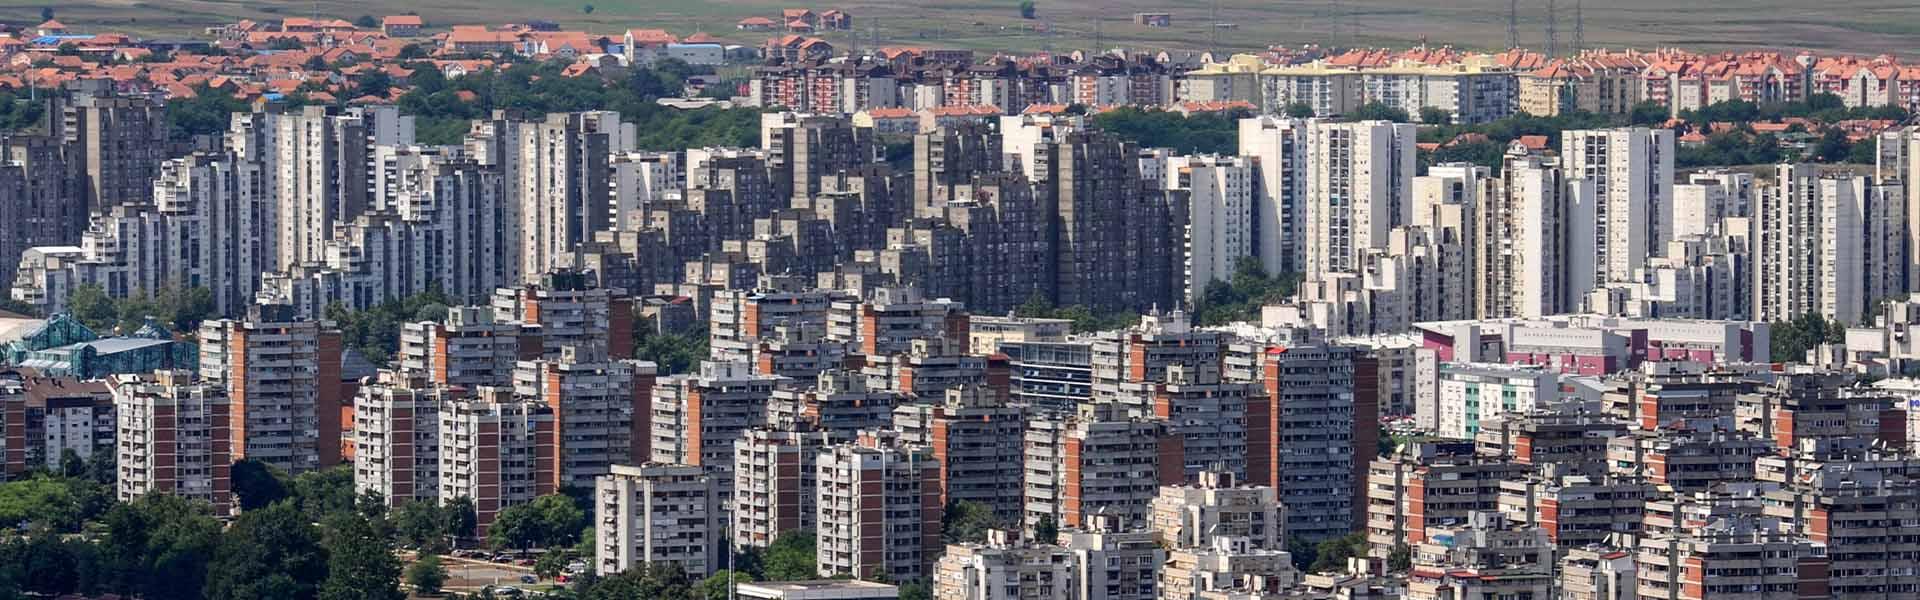 Dostava hrane blokovi Novi Beograd | Beograd